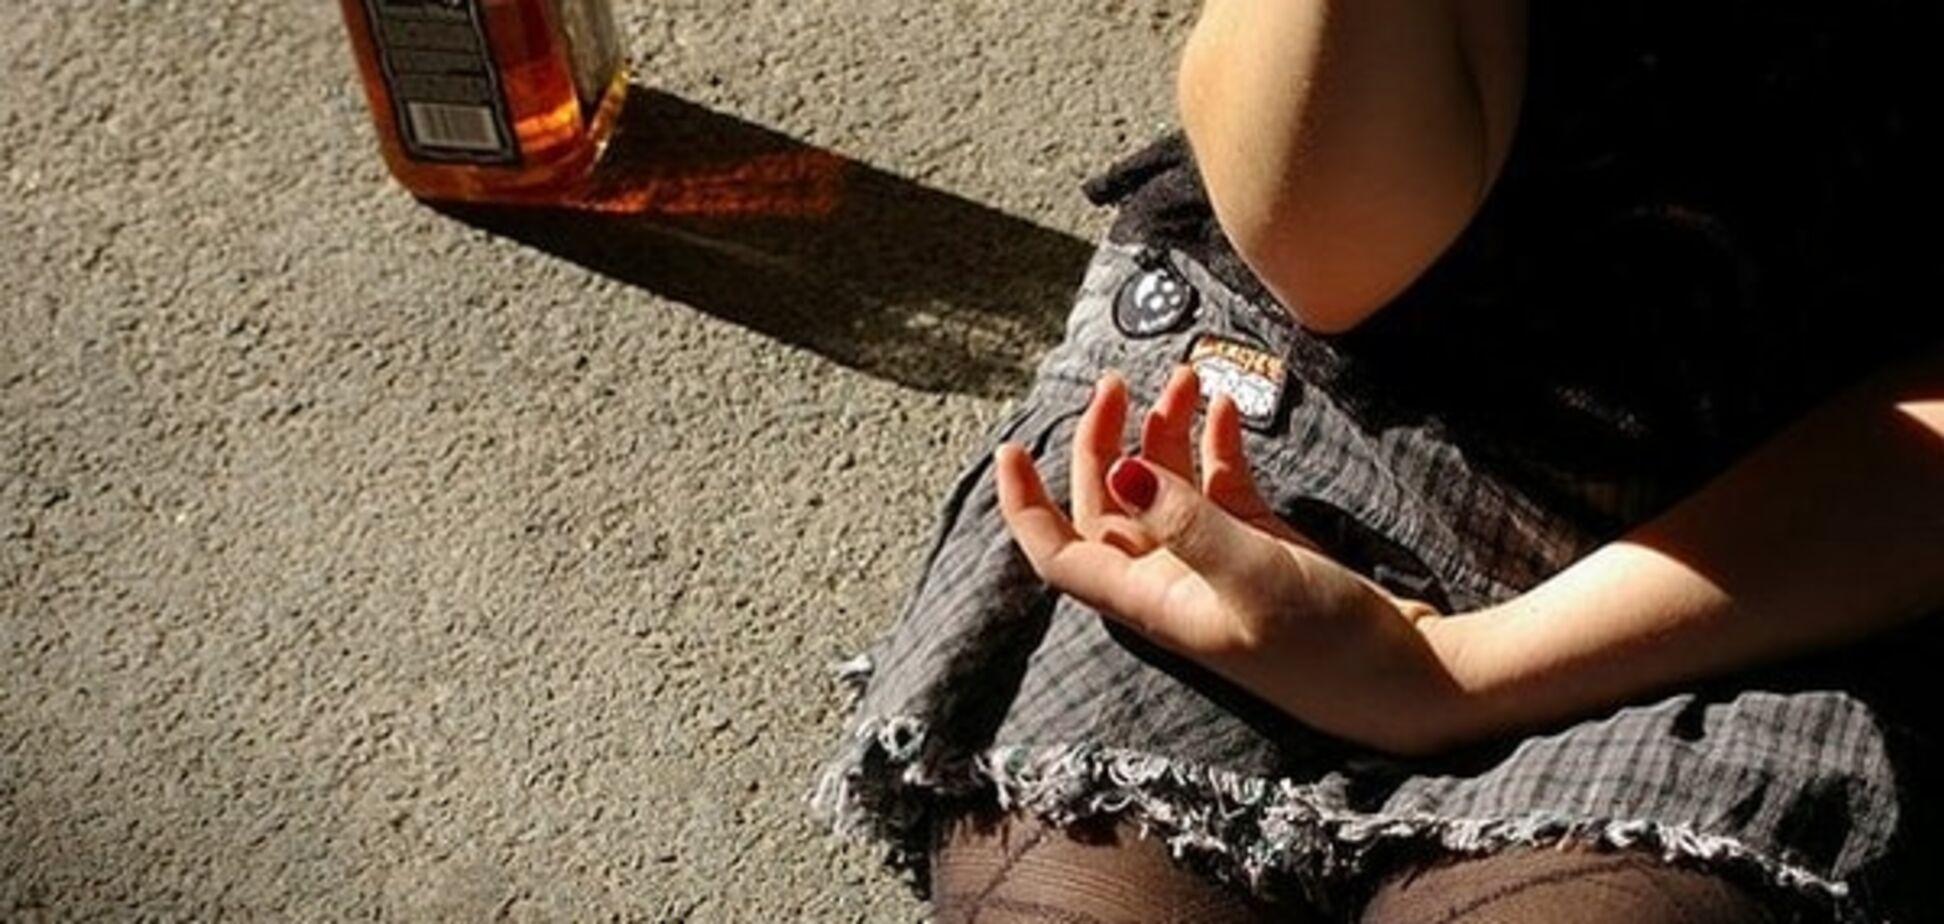 Китаянка выпила бутылку коньяка, отказавшись выкидывать ее в аэропорту